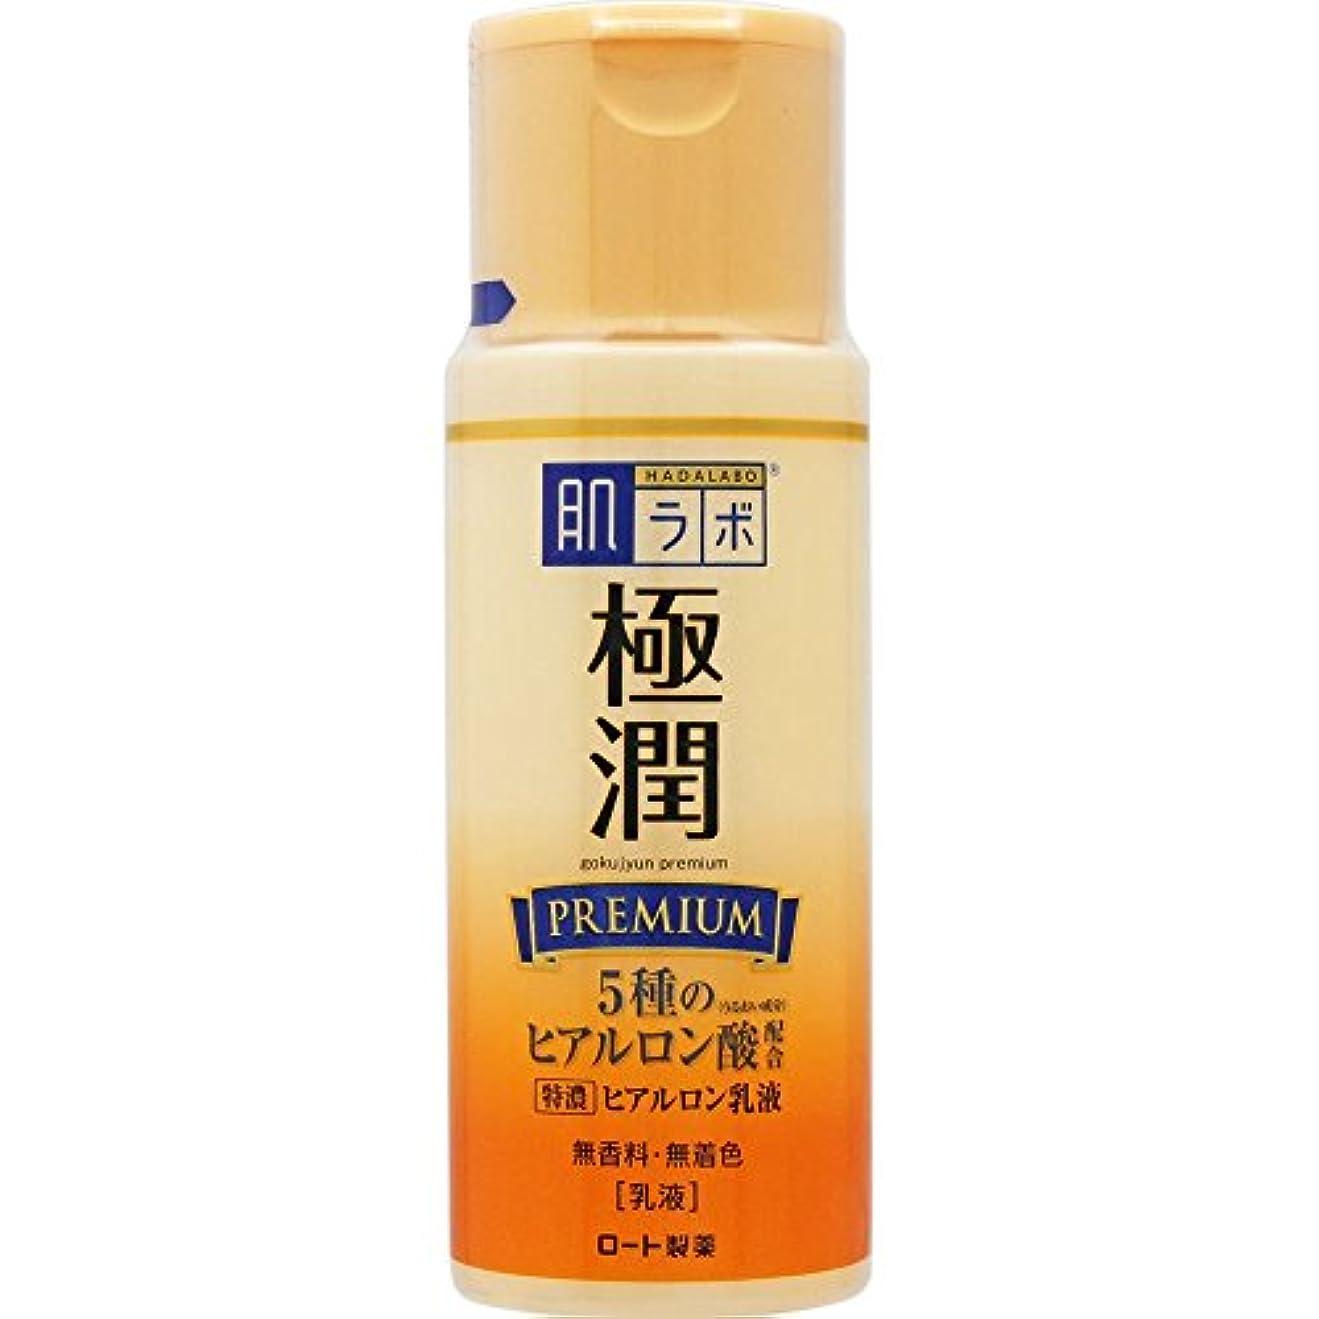 しなやかな適性現代肌ラボ 極潤プレミアム 特濃ヒアルロン乳液 ヒアルロン酸5種類×サクラン配合 140ml